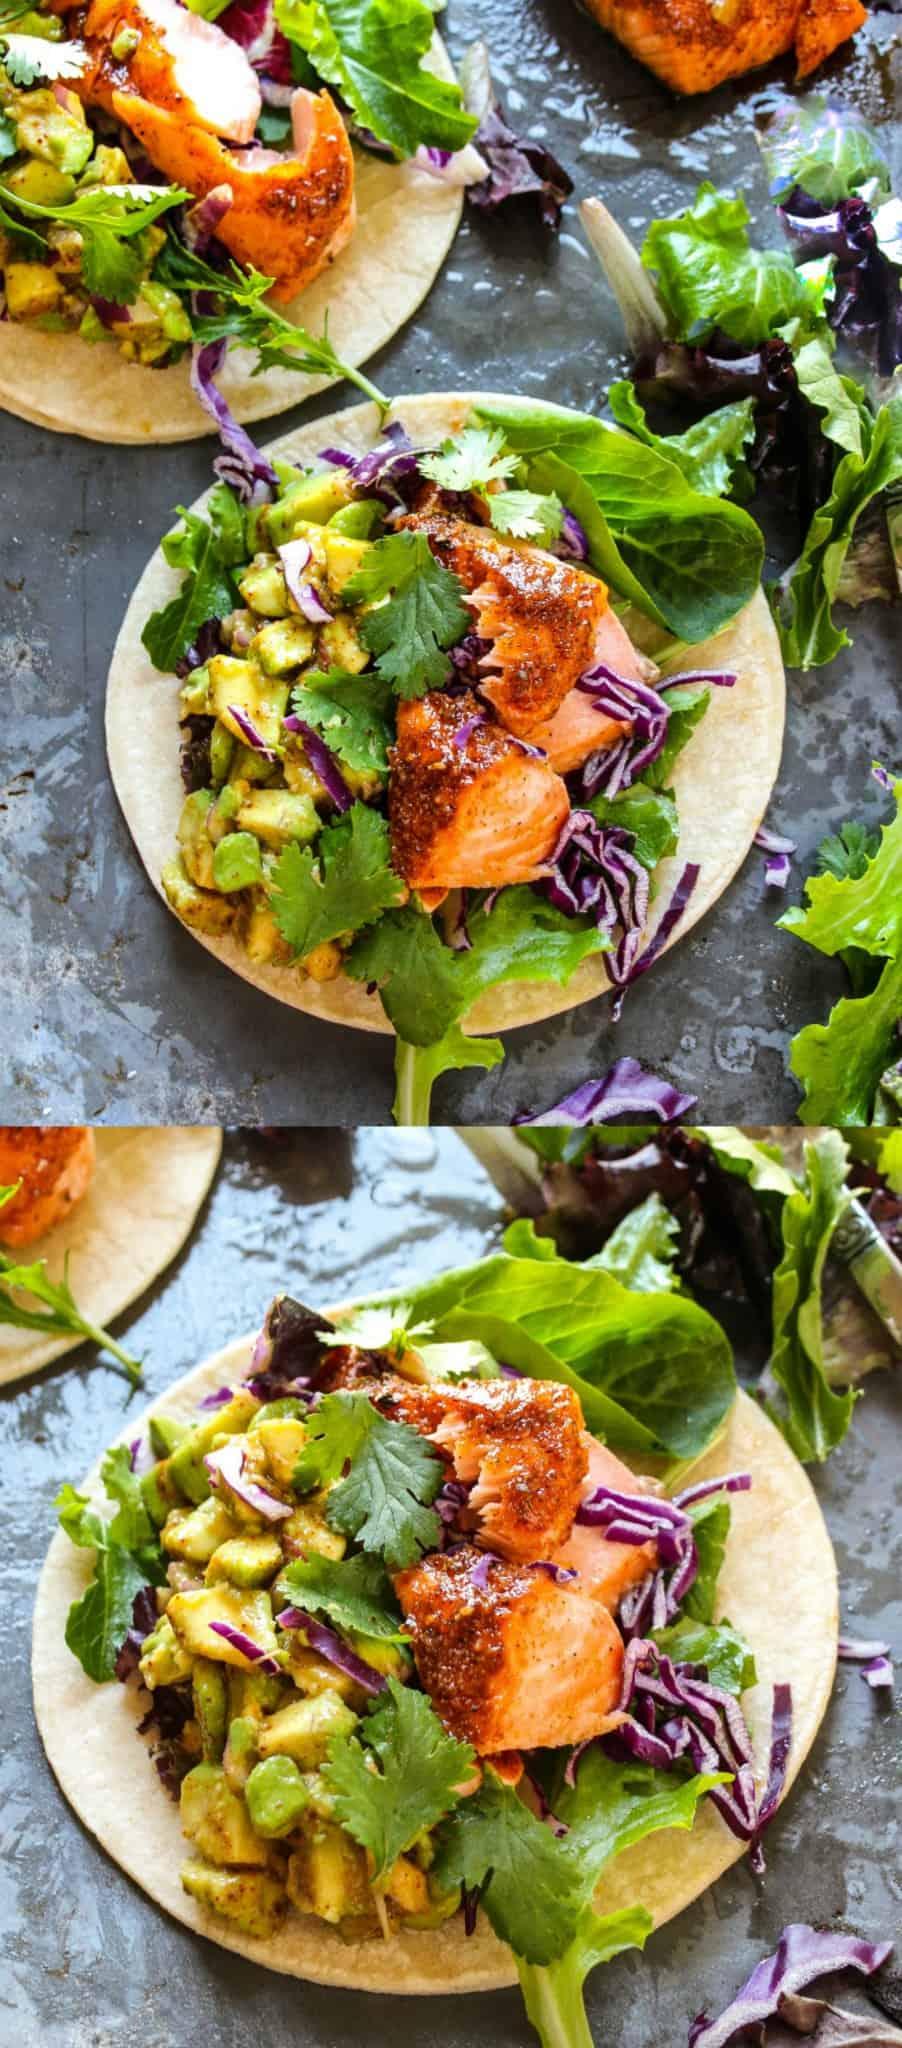 cajun-salmon-tacos